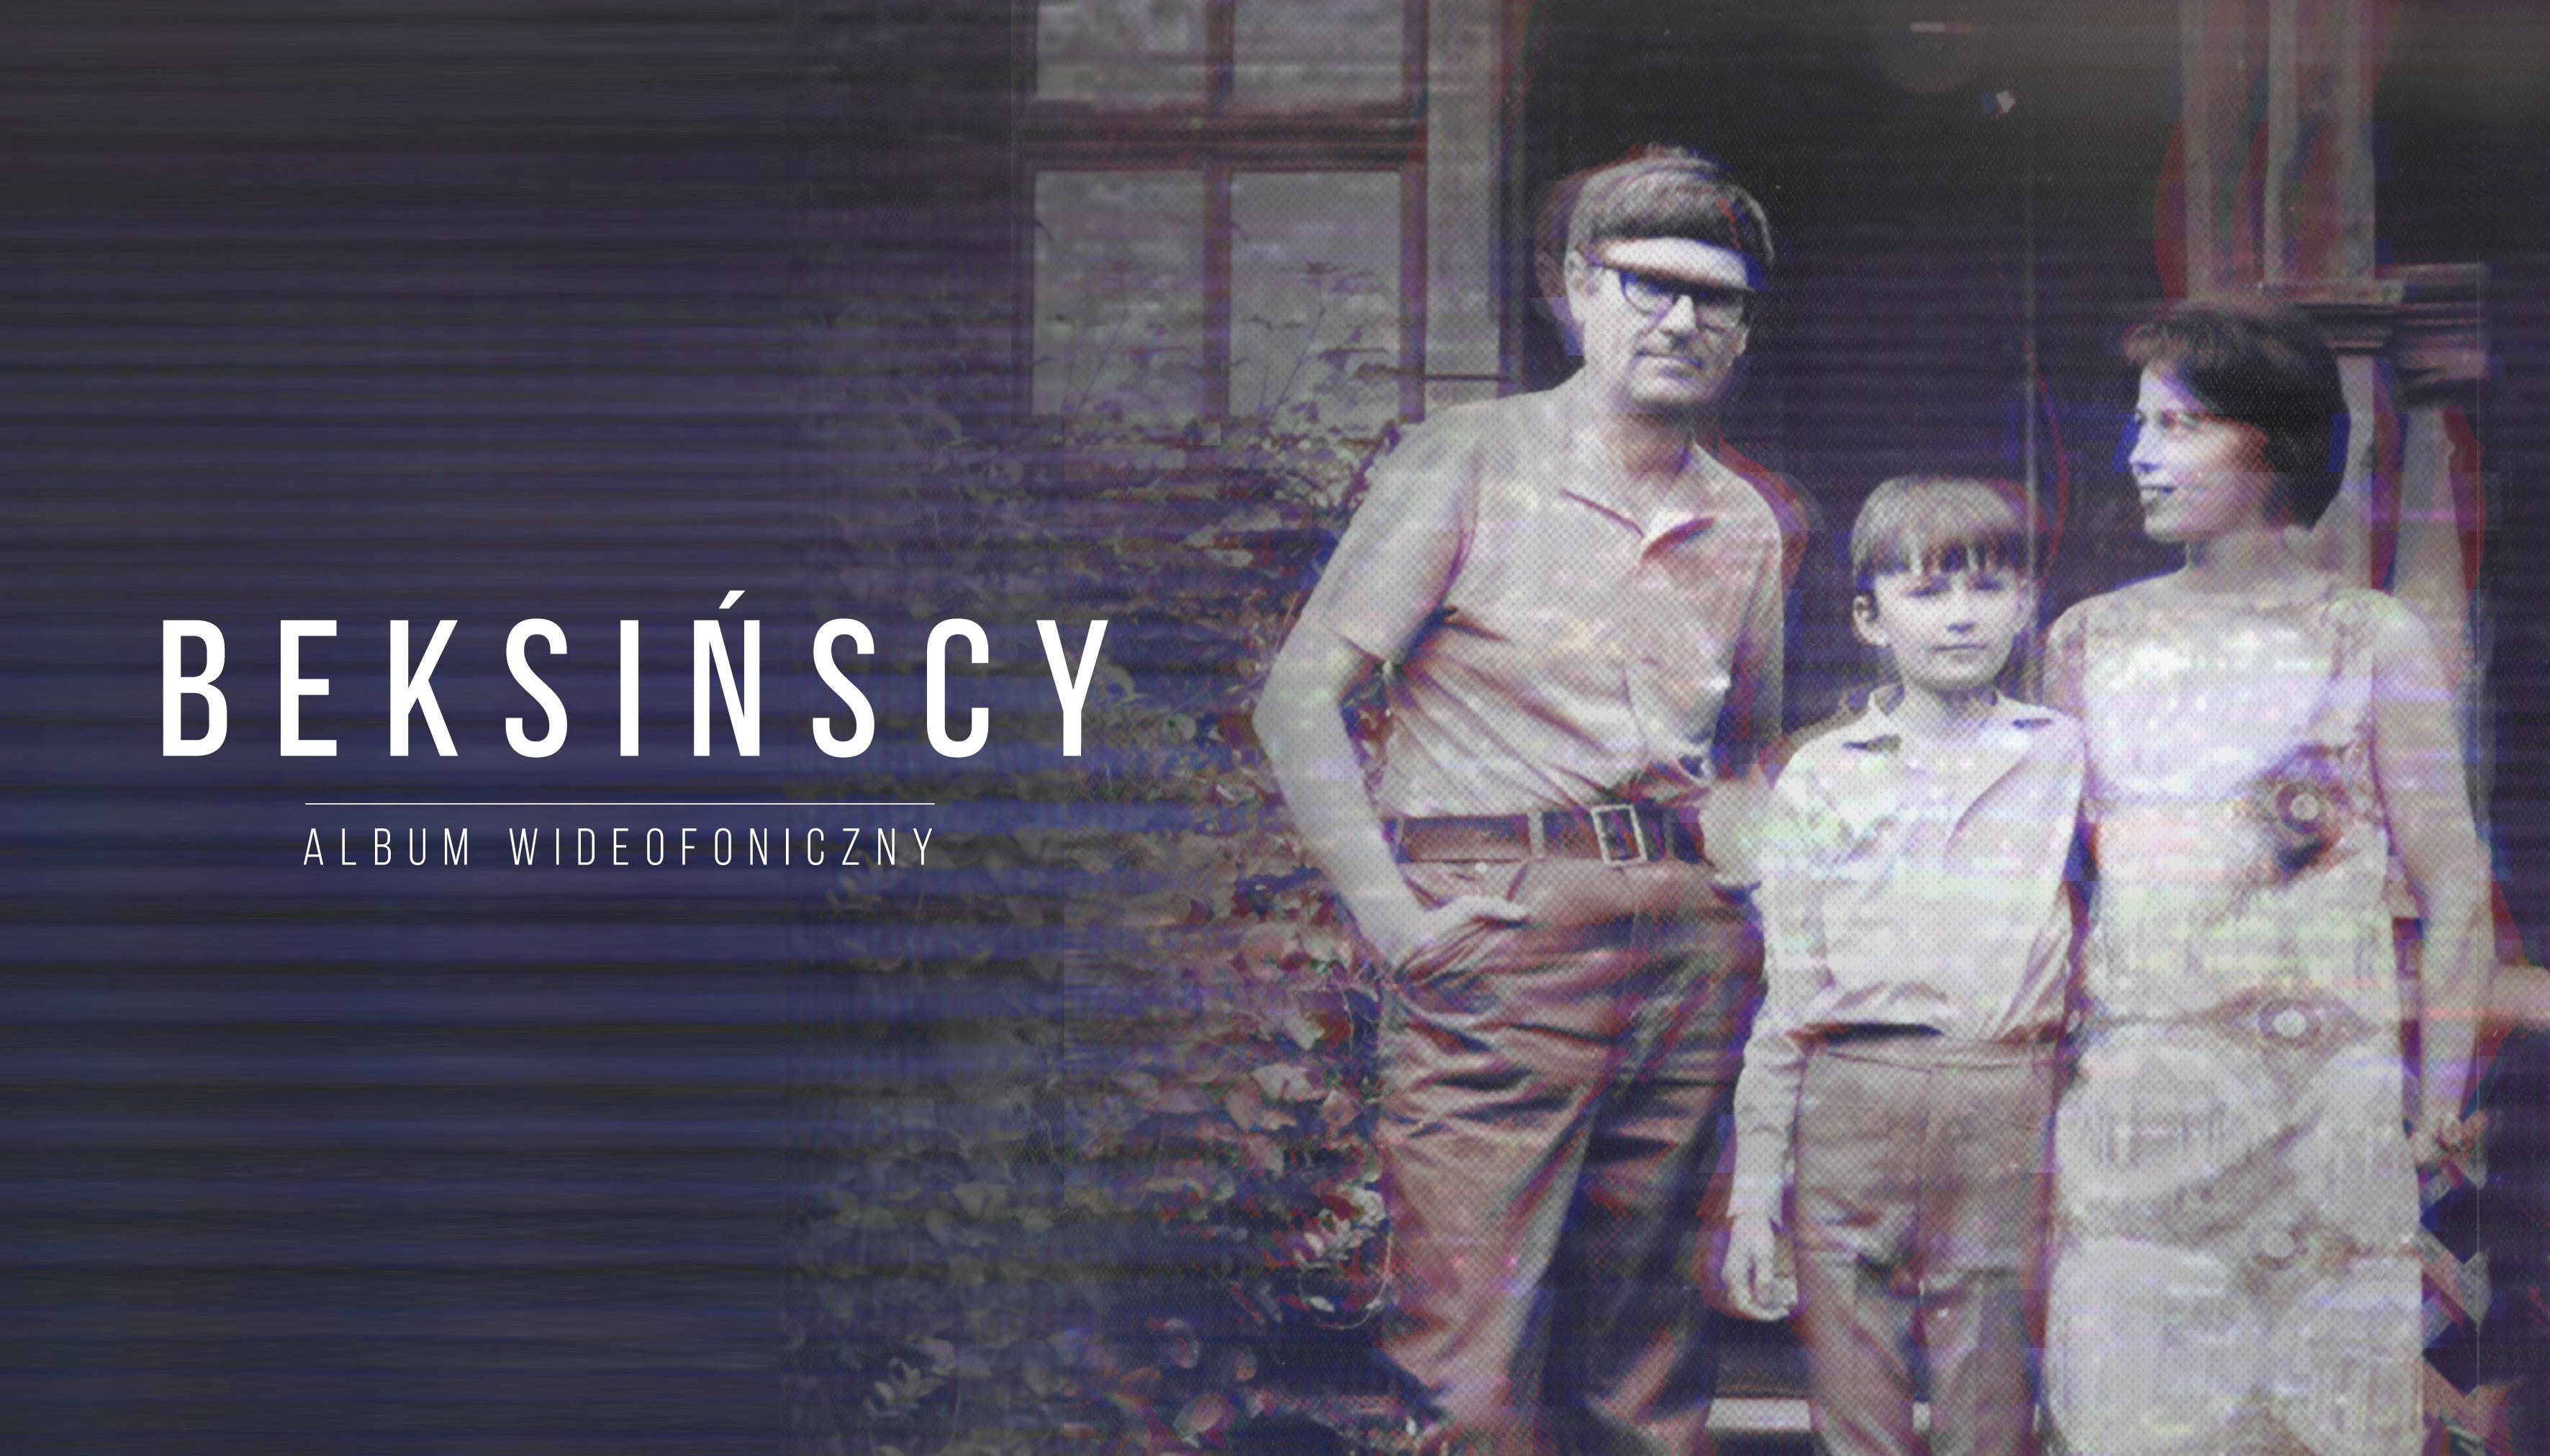 """""""BEKSIŃSCY. Album wideofoniczny"""", reż. Marcin Borchardt (źródło: materiały prasowe organizatora)"""